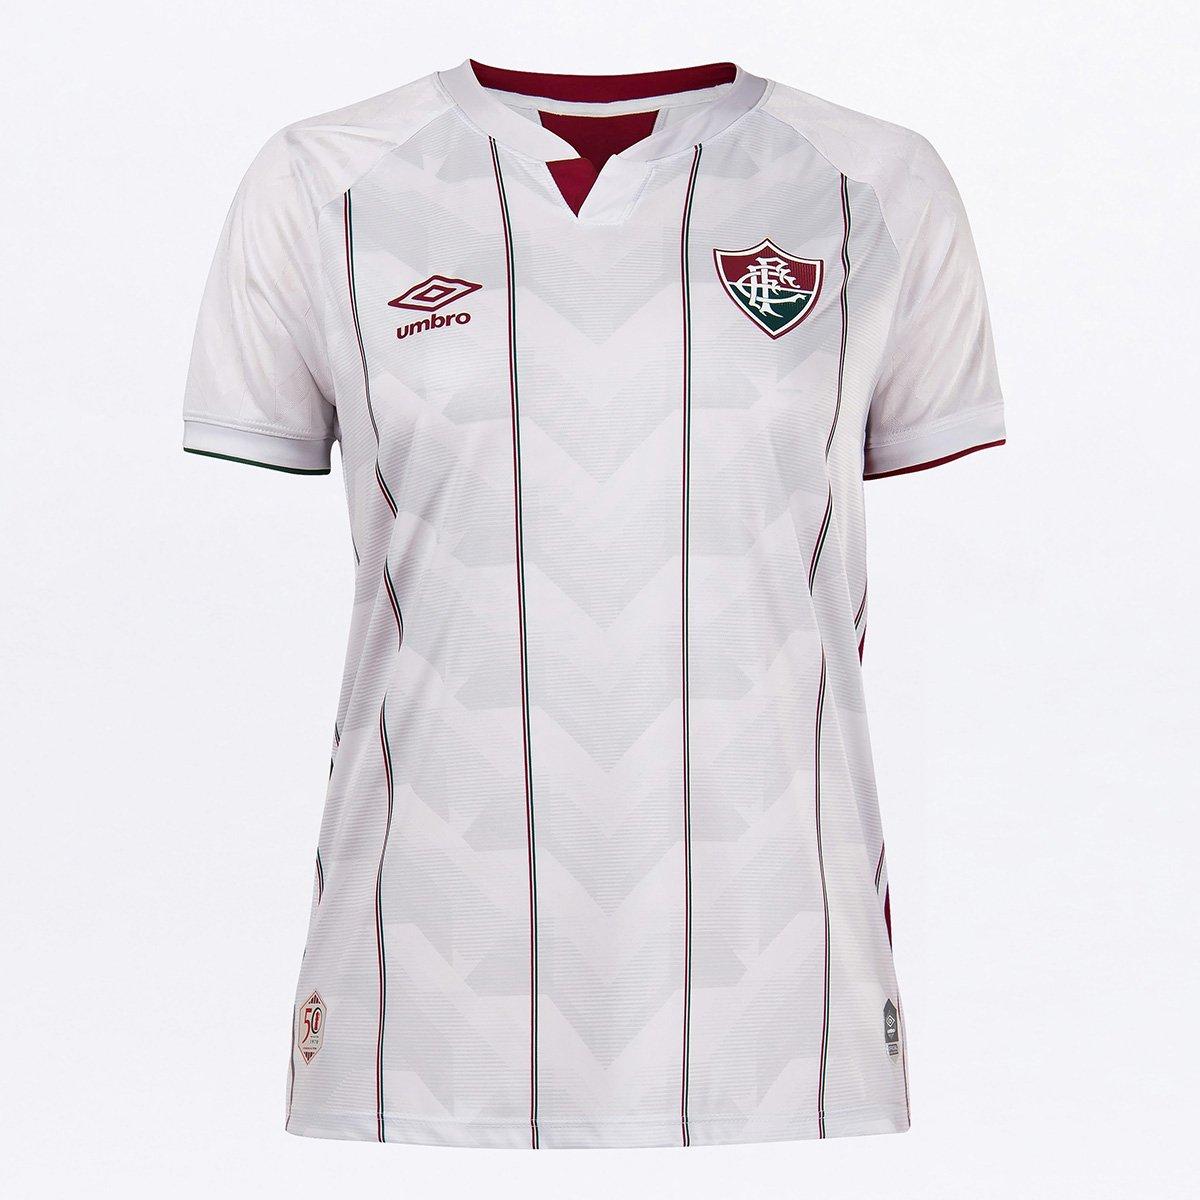 Camisa Fluminense II 20/21 s/n° Torcedor Umbro Feminina - Branco e Verde    Netshoes